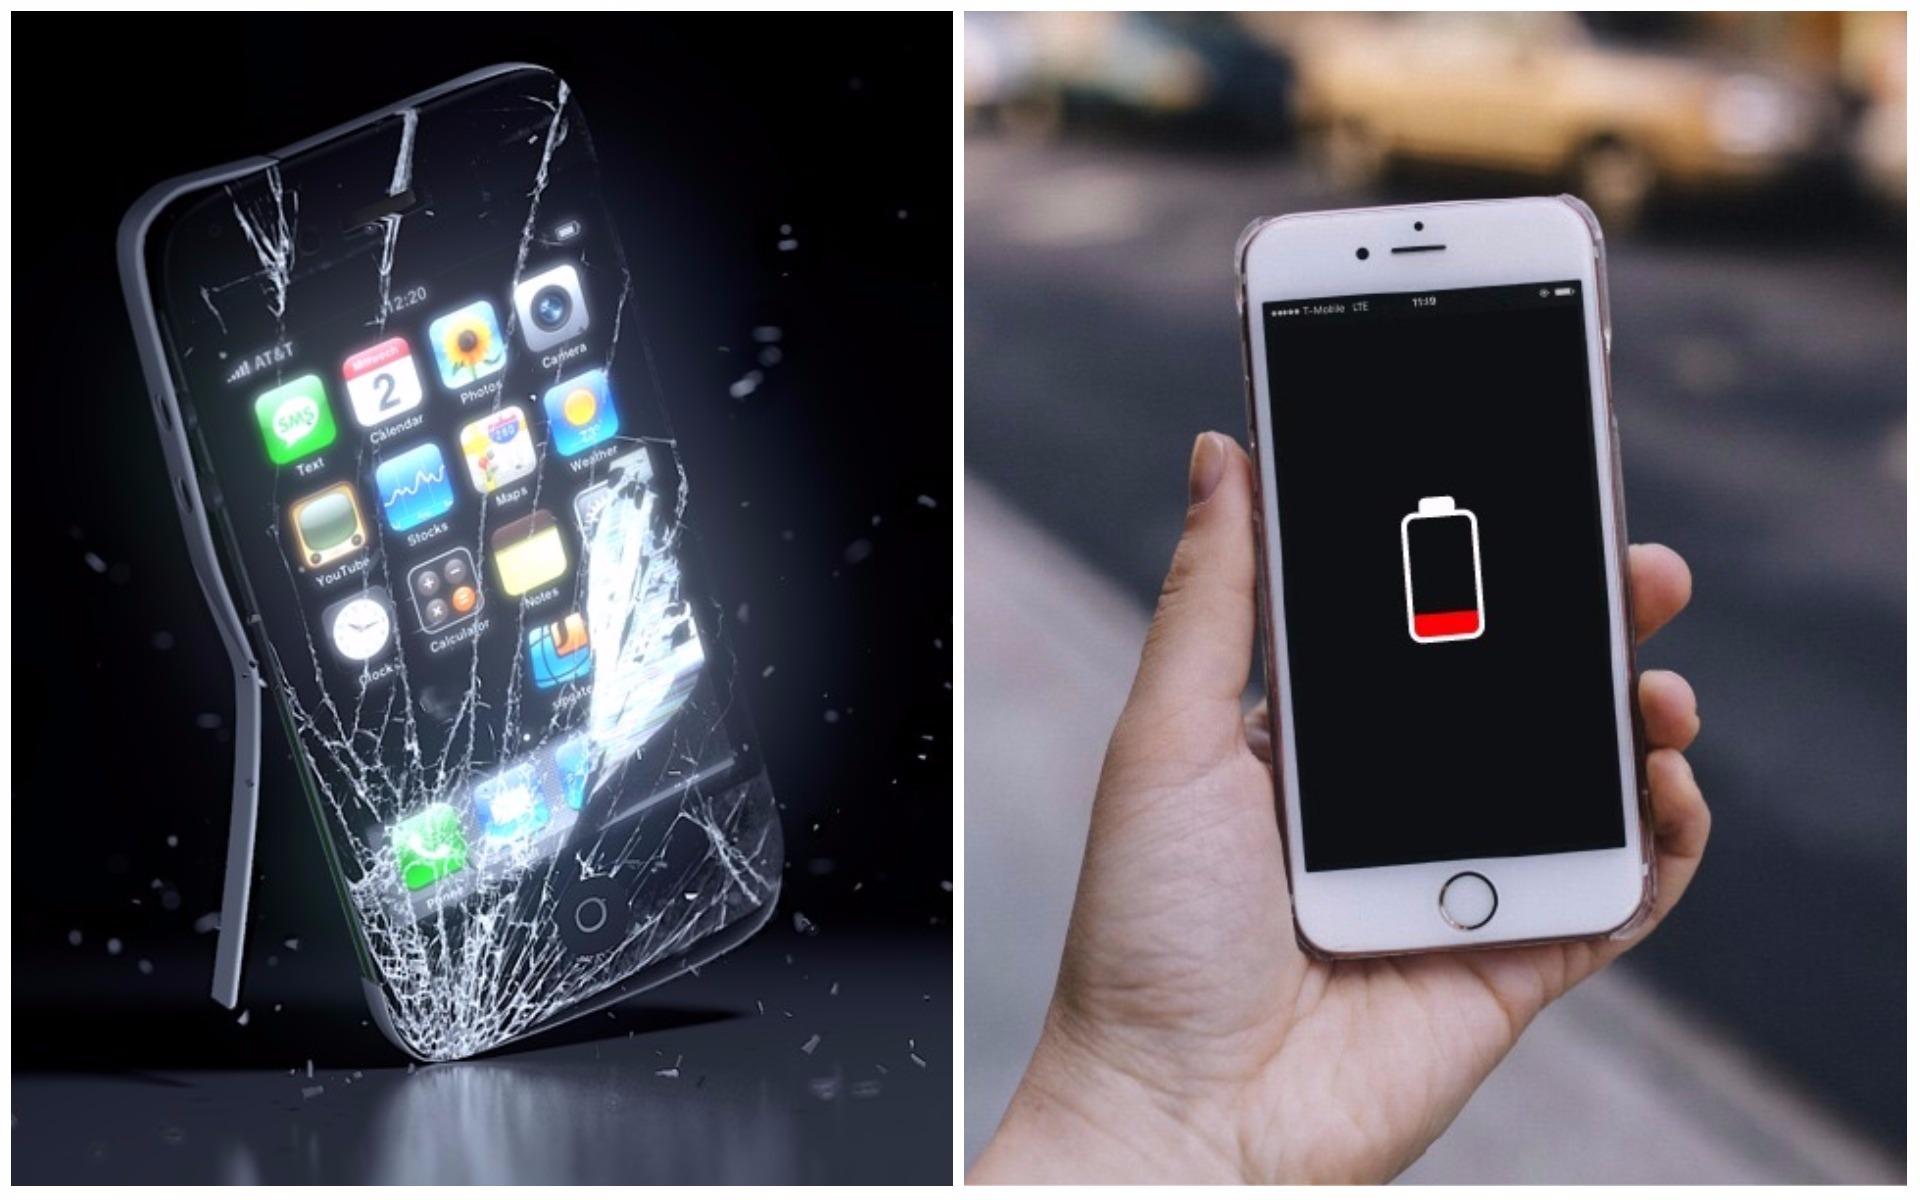 d60fa07ac25 Loja referência em iPhone tem conserto delivery e 20% off para ...